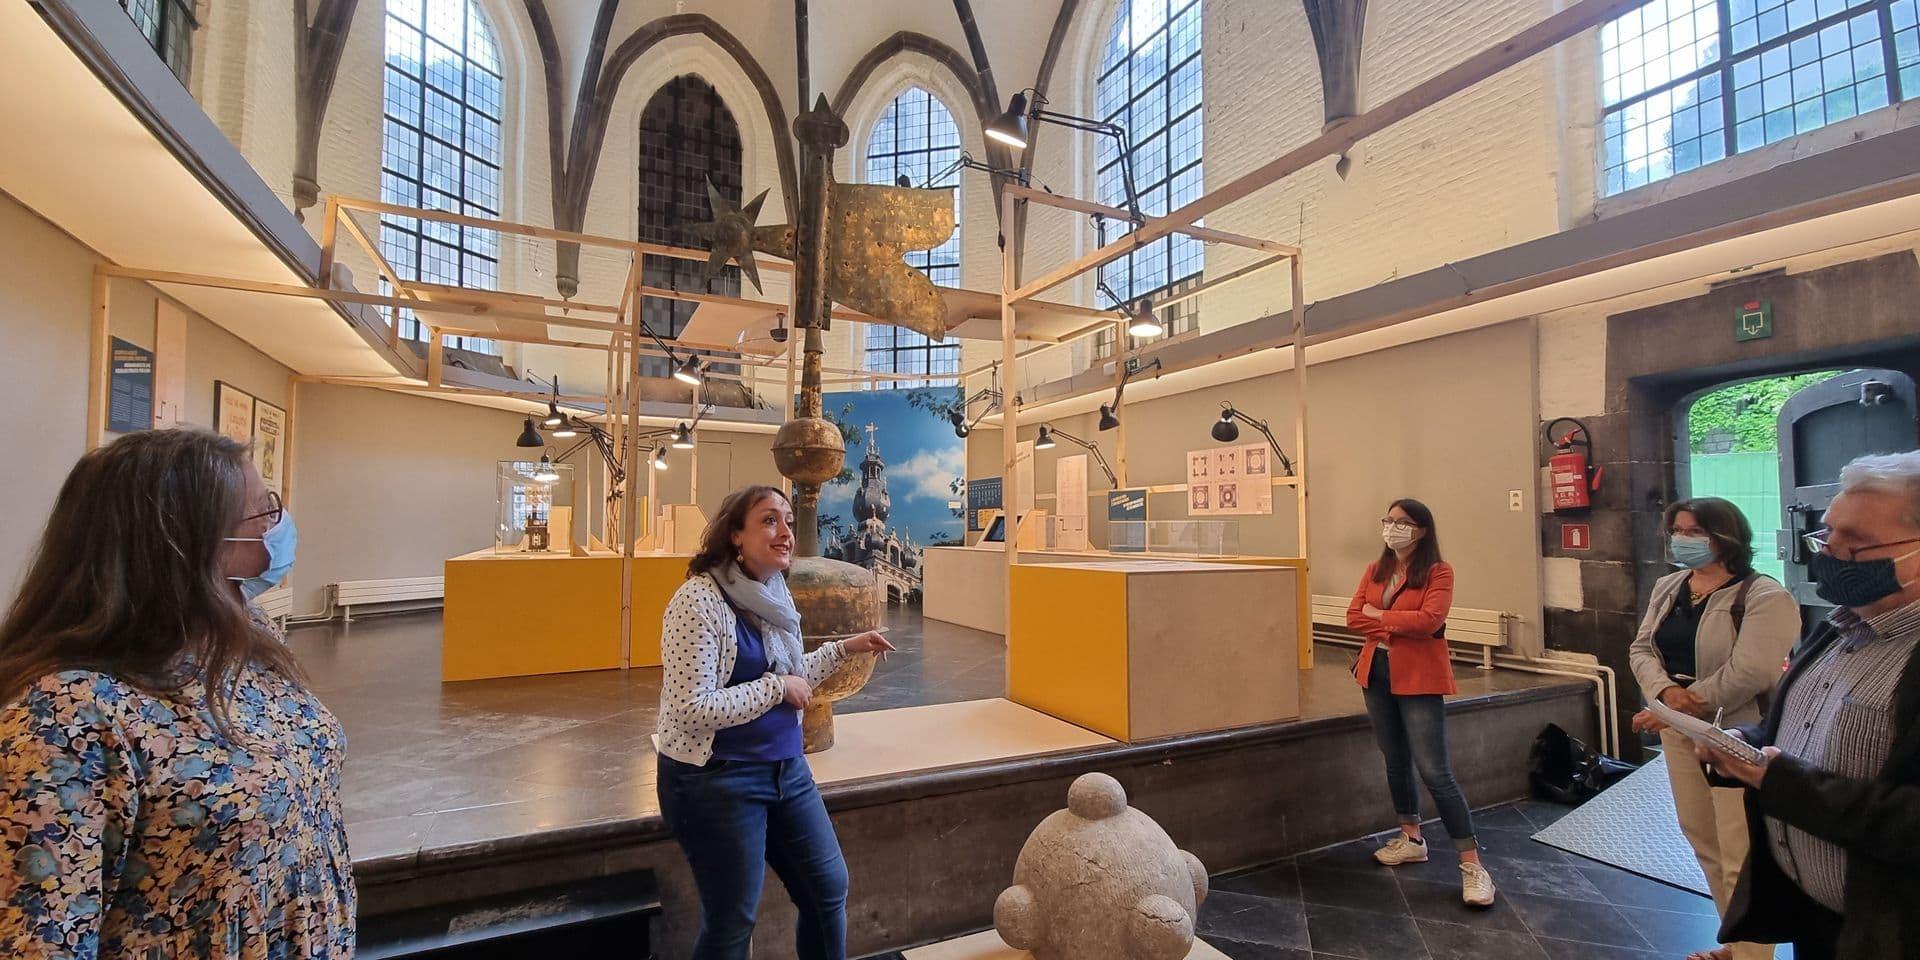 La restauration du Beffroi à Mons: retour sur un incroyable chantier